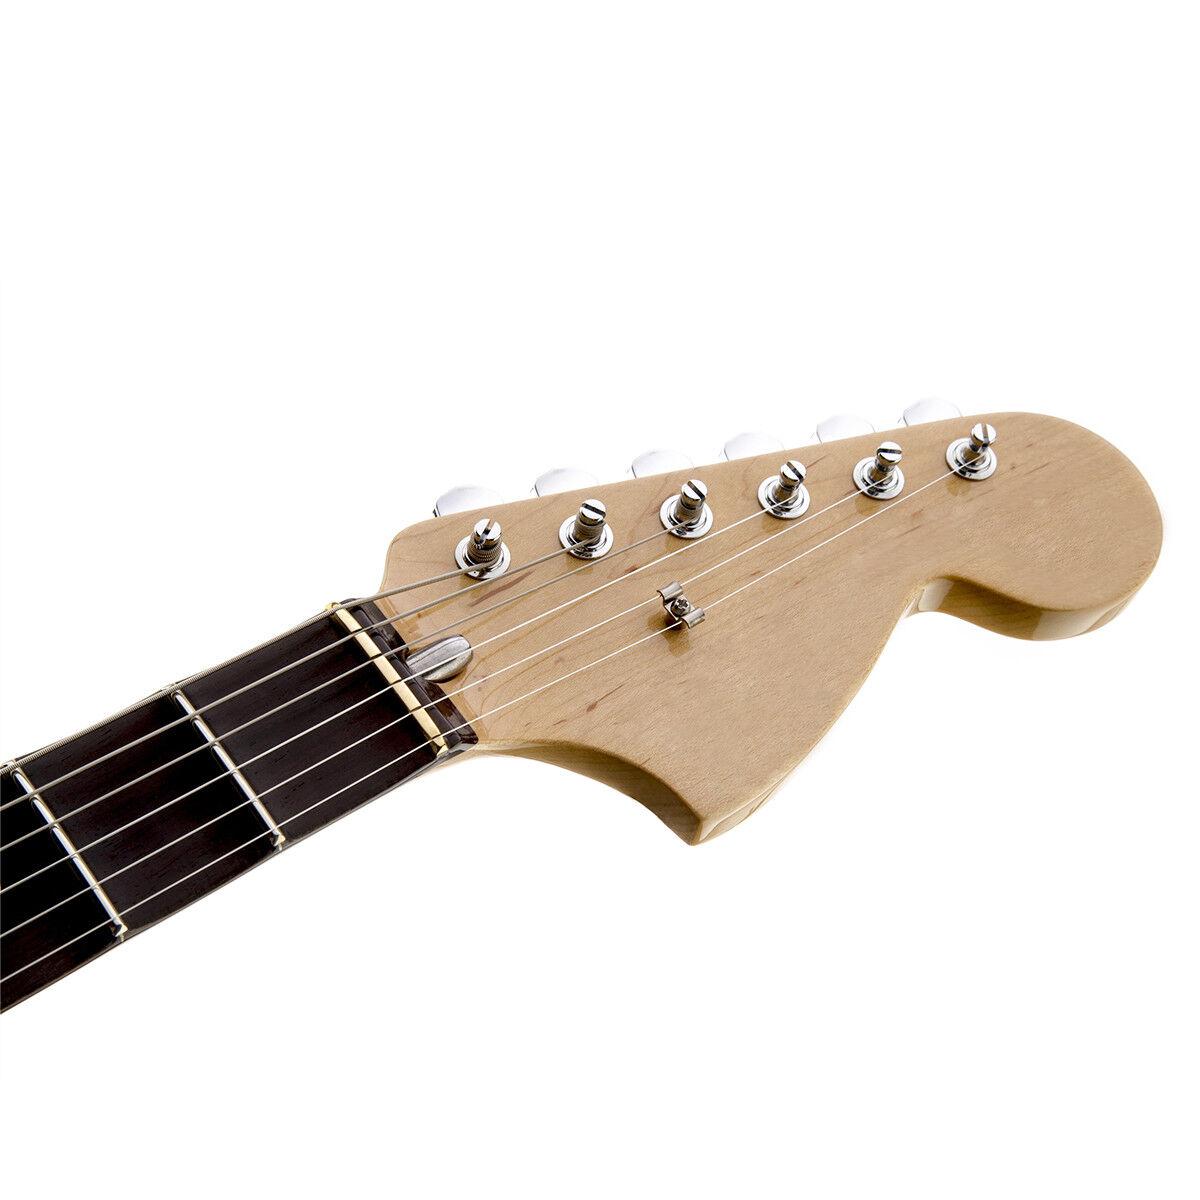 copper guitar nut 6 string nut slotted 42mm for strat tele guitar 634458520447 ebay. Black Bedroom Furniture Sets. Home Design Ideas